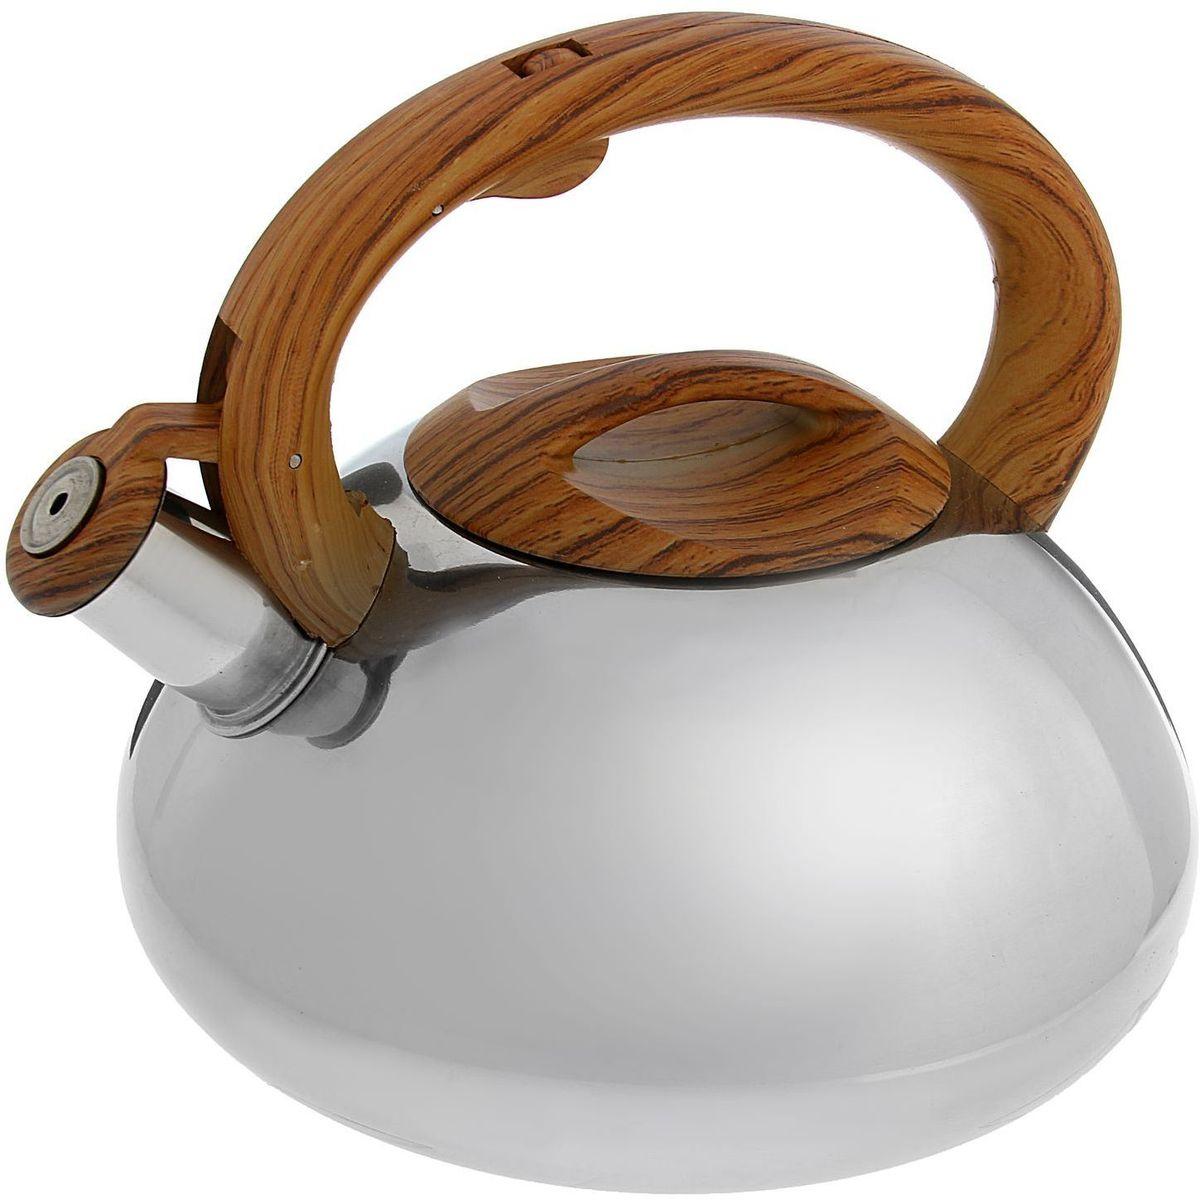 Чайник Доляна Квант, со свистком, цвет: коричневый, 2,8 л1405209Бытовая посуда из нержавеющей стали славится неприхотливостью в уходе и безукоризненной функциональностью. Коррозиестойкий сплав обеспечивает гигиеничность изделий. Чайники из этого материала абсолютно безопасны для здоровья человека. Чем привлекательна посуда из нержавейки? Чайник из нержавеющей стали станет удачной находкой для дома или ресторана: благодаря низкой теплопроводности модели вода дольше остается горячей; необычный дизайн радует глаз и поднимает настроение; качественное дно гарантирует быстрый нагрев. Как продлить срок службы? Ухаживать за новым приобретением элементарно просто, но стоит помнить о нескольких нехитрых правилах. Во-первых, не следует применять абразивные инструменты и сильнохлорированные моющие средства. Во-вторых, не оставляйте пустую посуду на плите. В-третьих, если вы уезжаете из дома на длительное время - выливайте воду из чайника. Если на внутренней поверхности изделия появились пятна, используйте для их удаления несколько капель уксусной или лимонной...